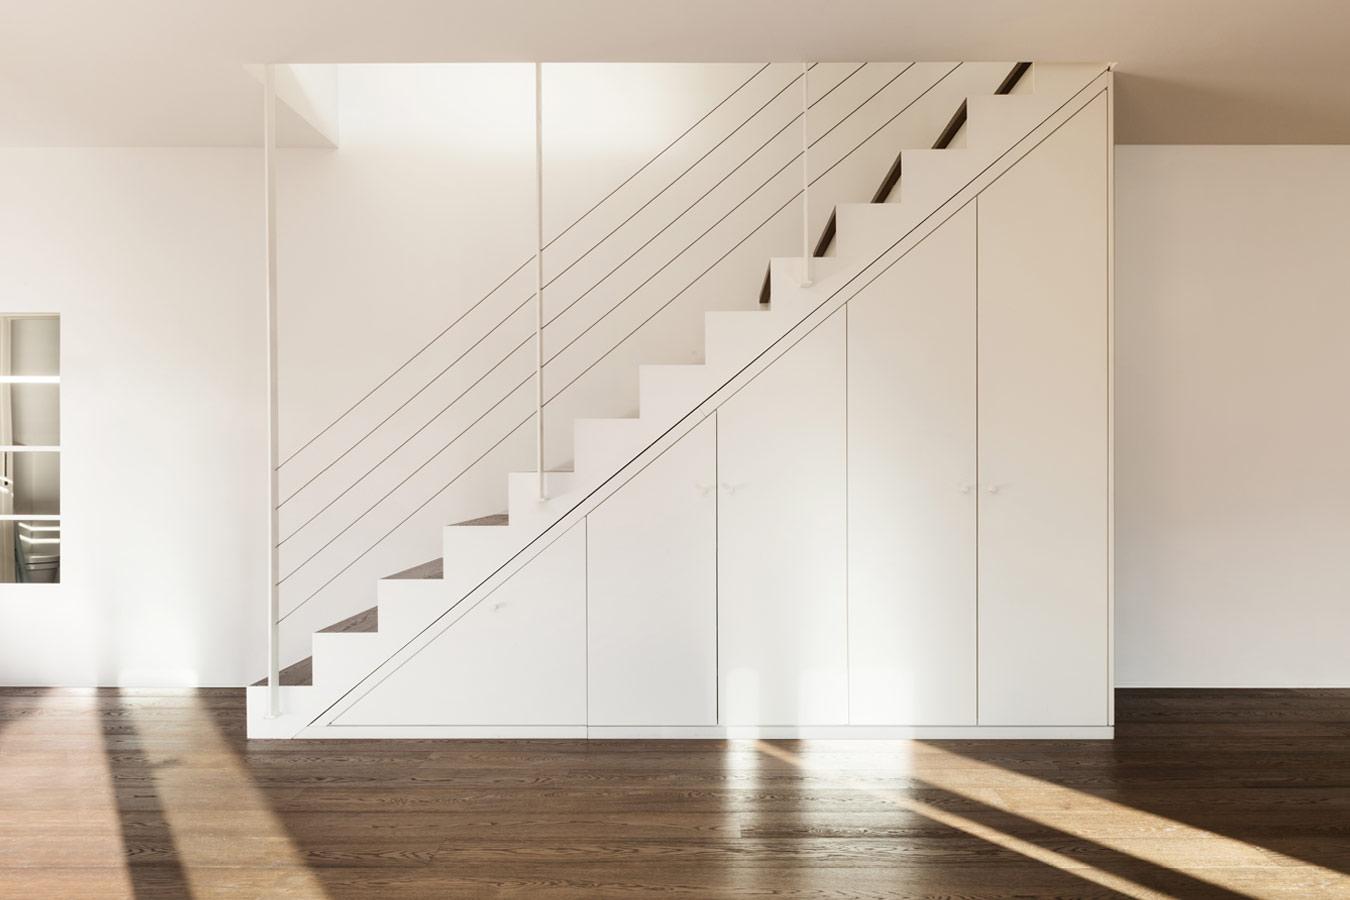 Zoldertrap inspiratie populaire soorten - Idee voor trappen ...